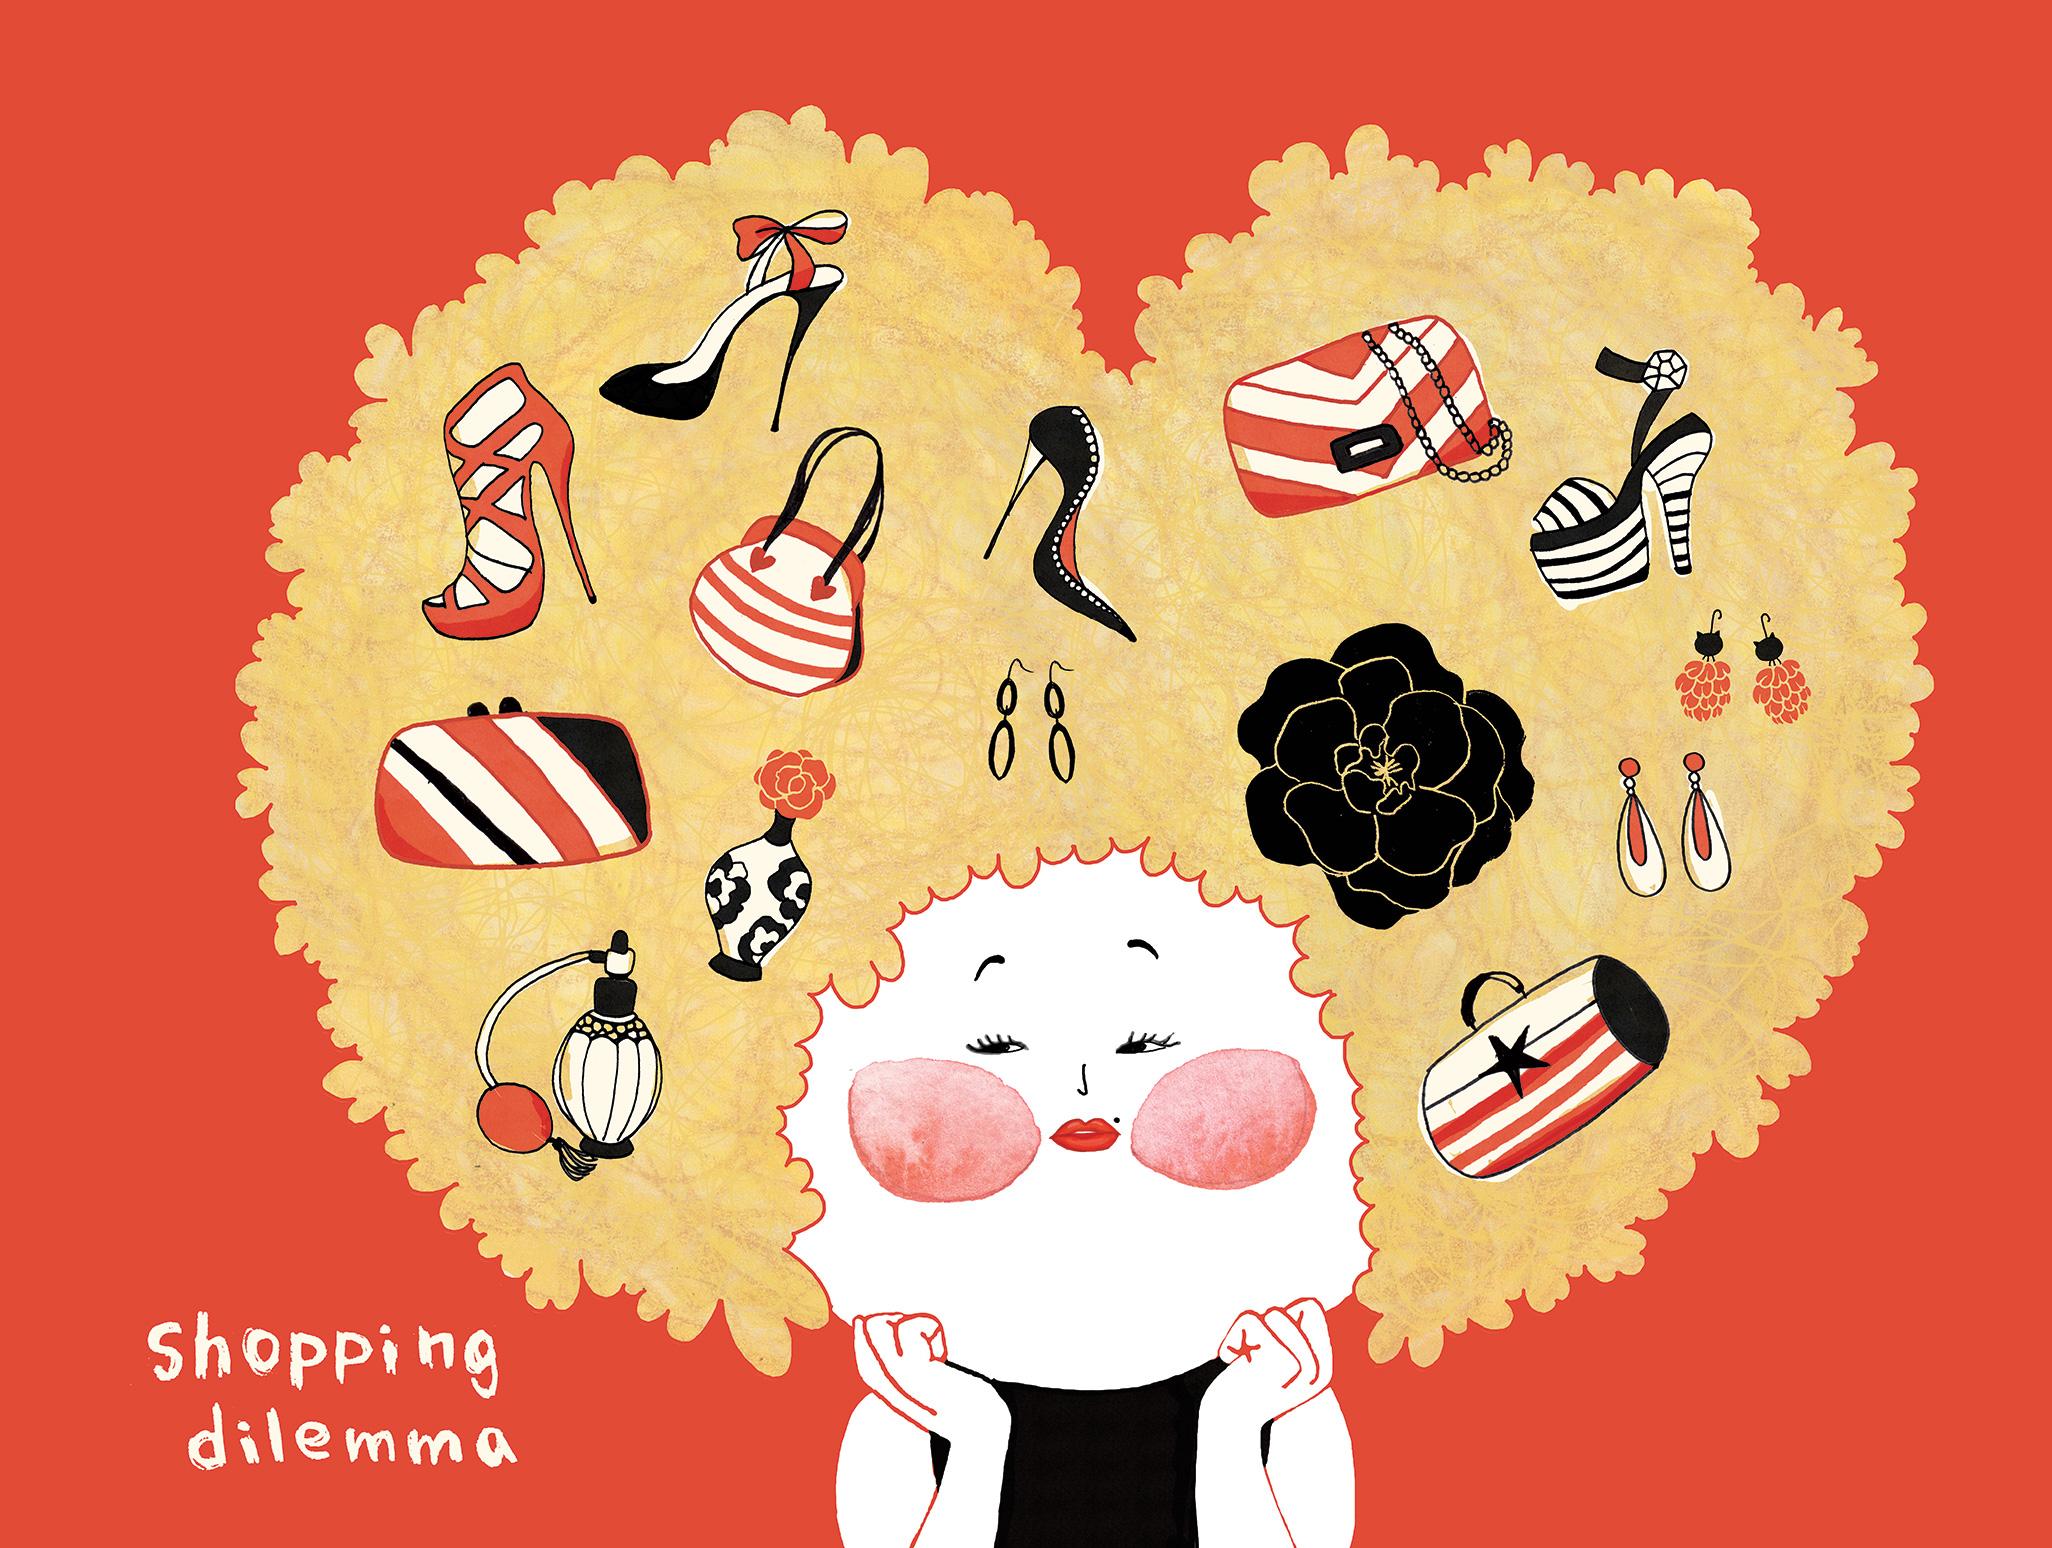 shopping-dillemma-bag-lulu-mayo2